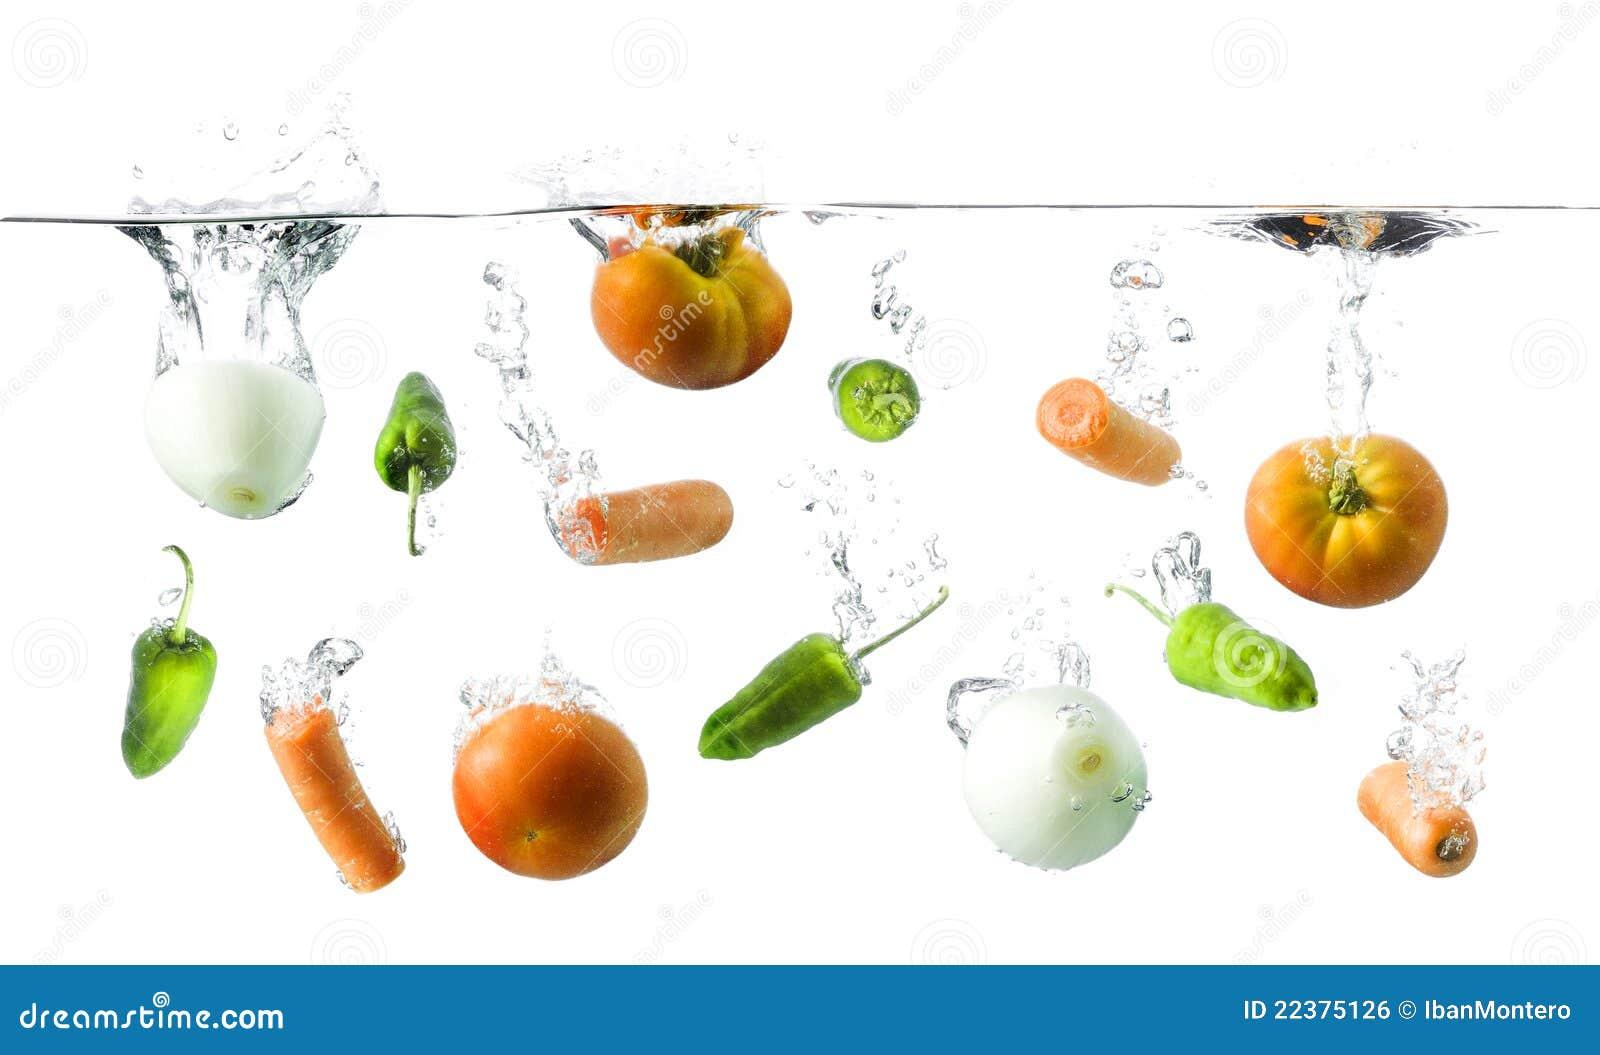 вода в продуктах питания картинки макияже используем